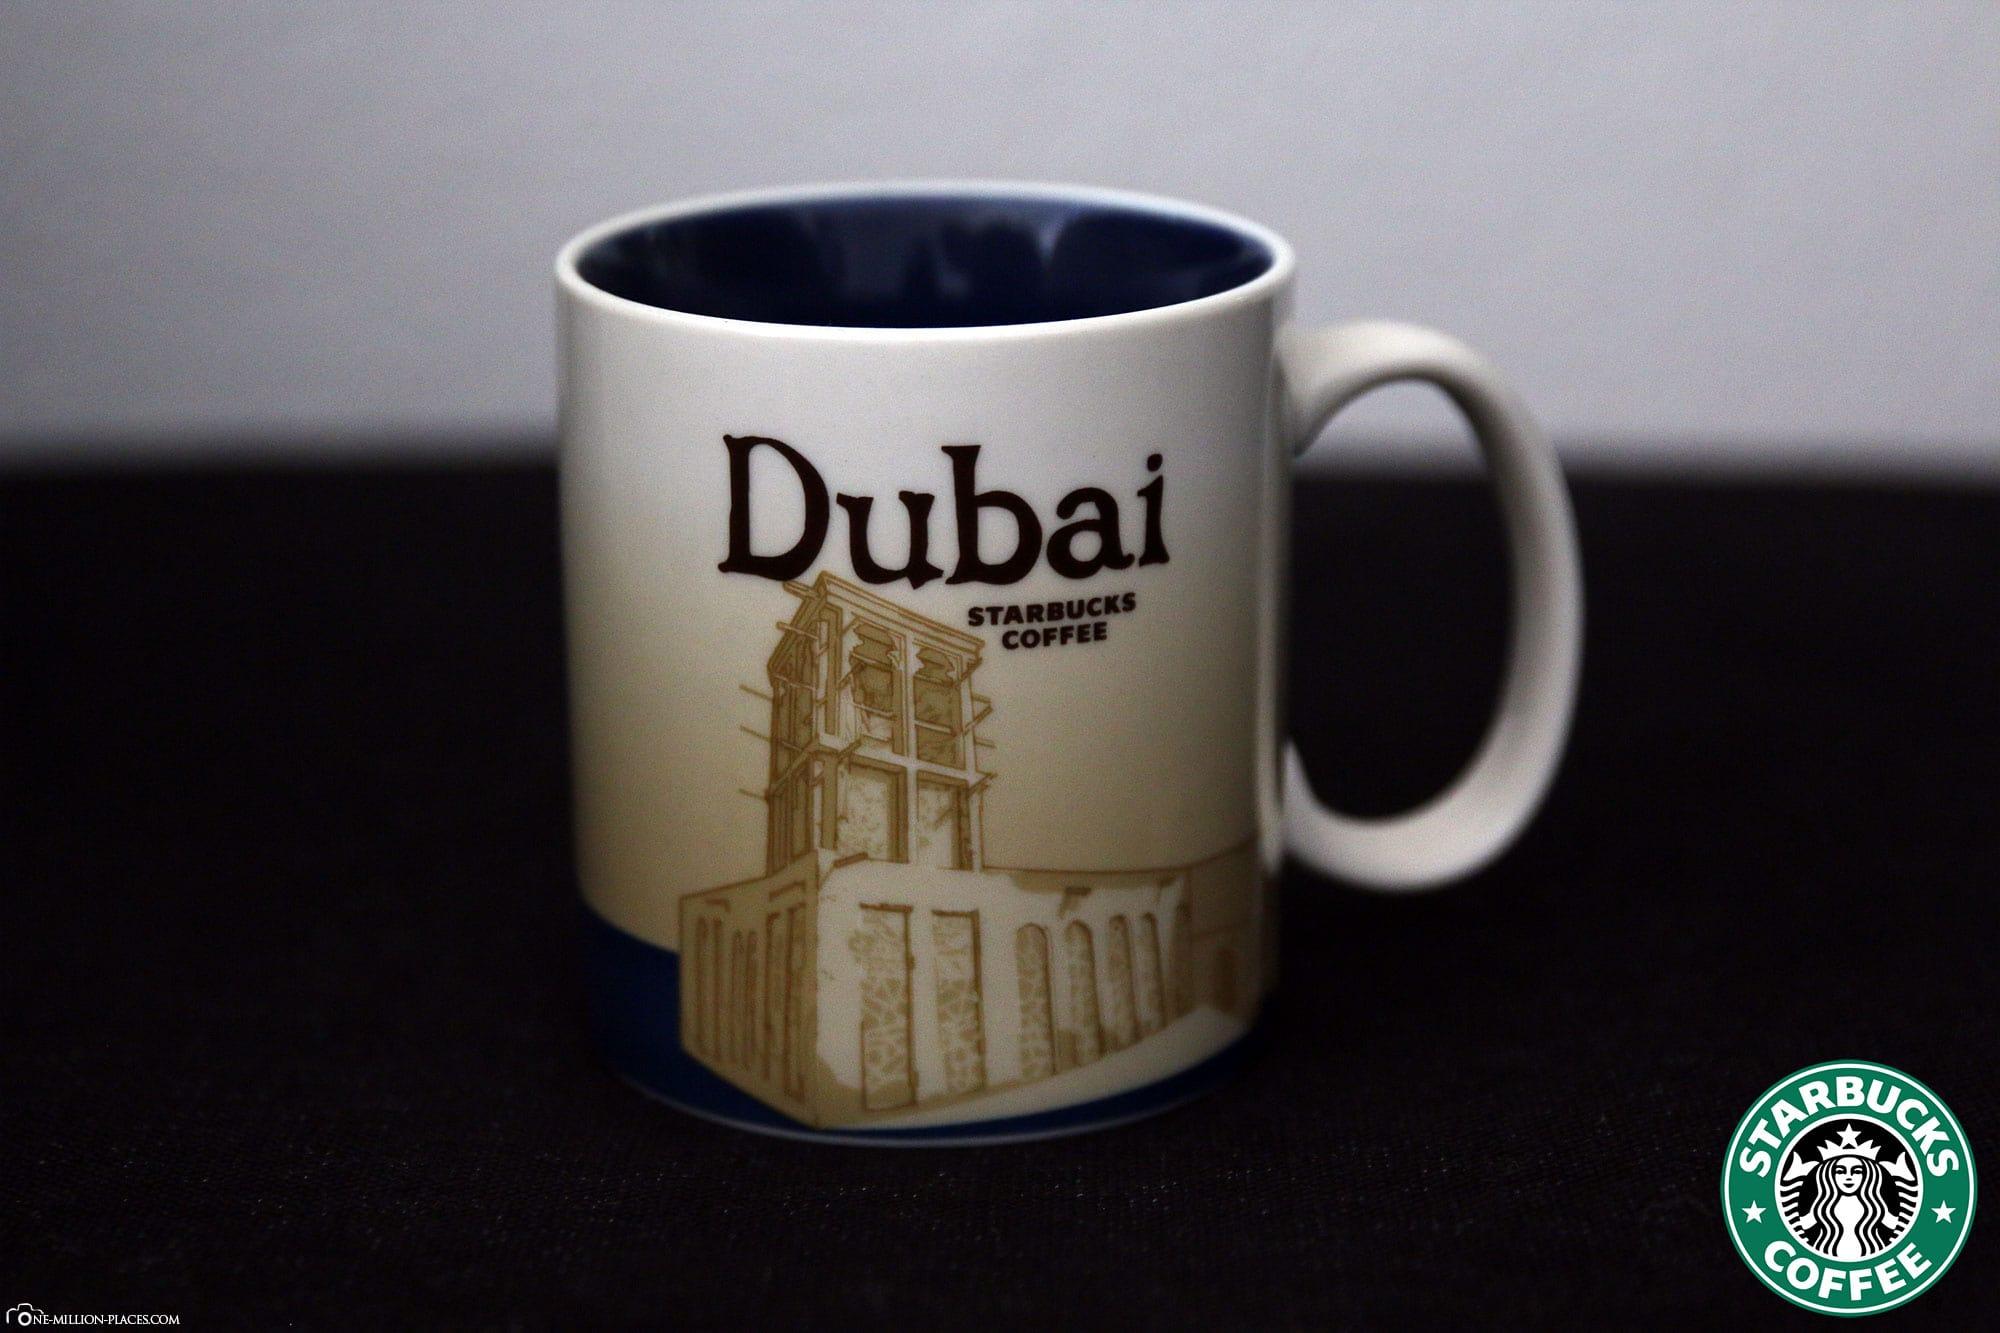 Dubai, Starbucks Tasse, Global Icon Serie, City Mugs, Sammlung, Vereinigten Arabischen Emirate, Reisebericht